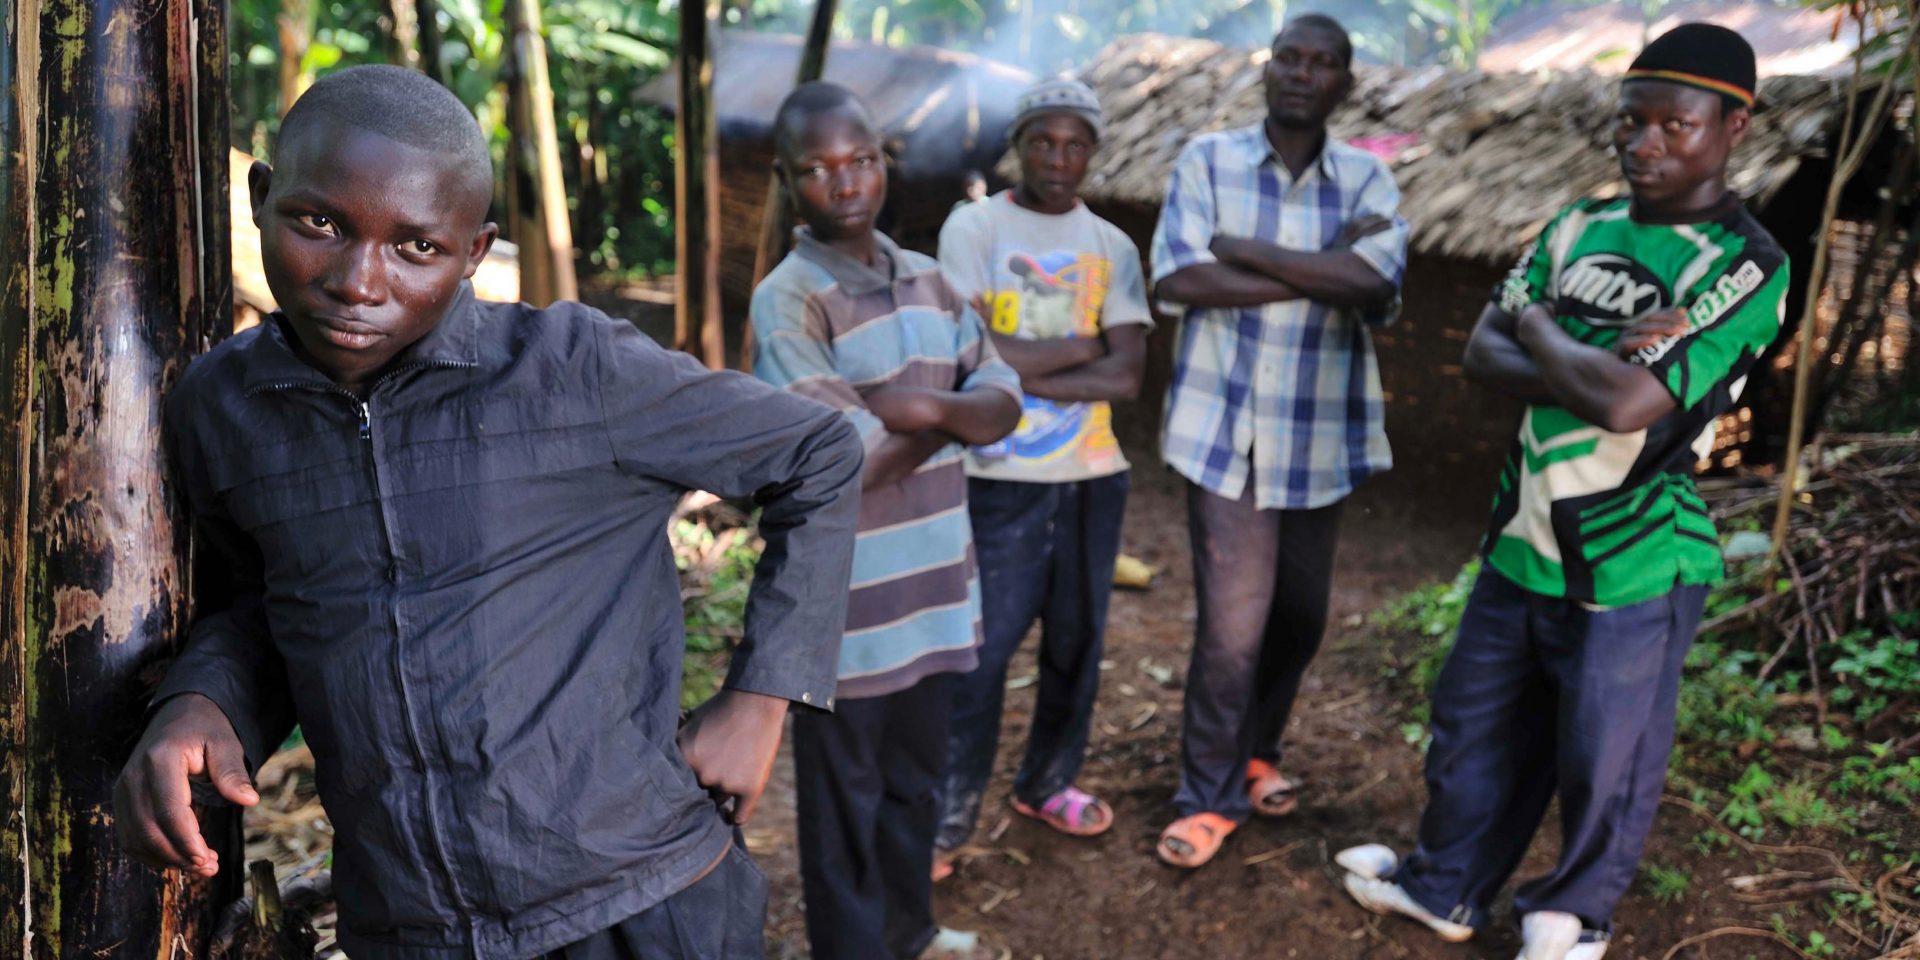 Mulume från Kongo-Kinshasa, främst i bilden, är en före detta barnsoldat som känner hopp för framtiden.